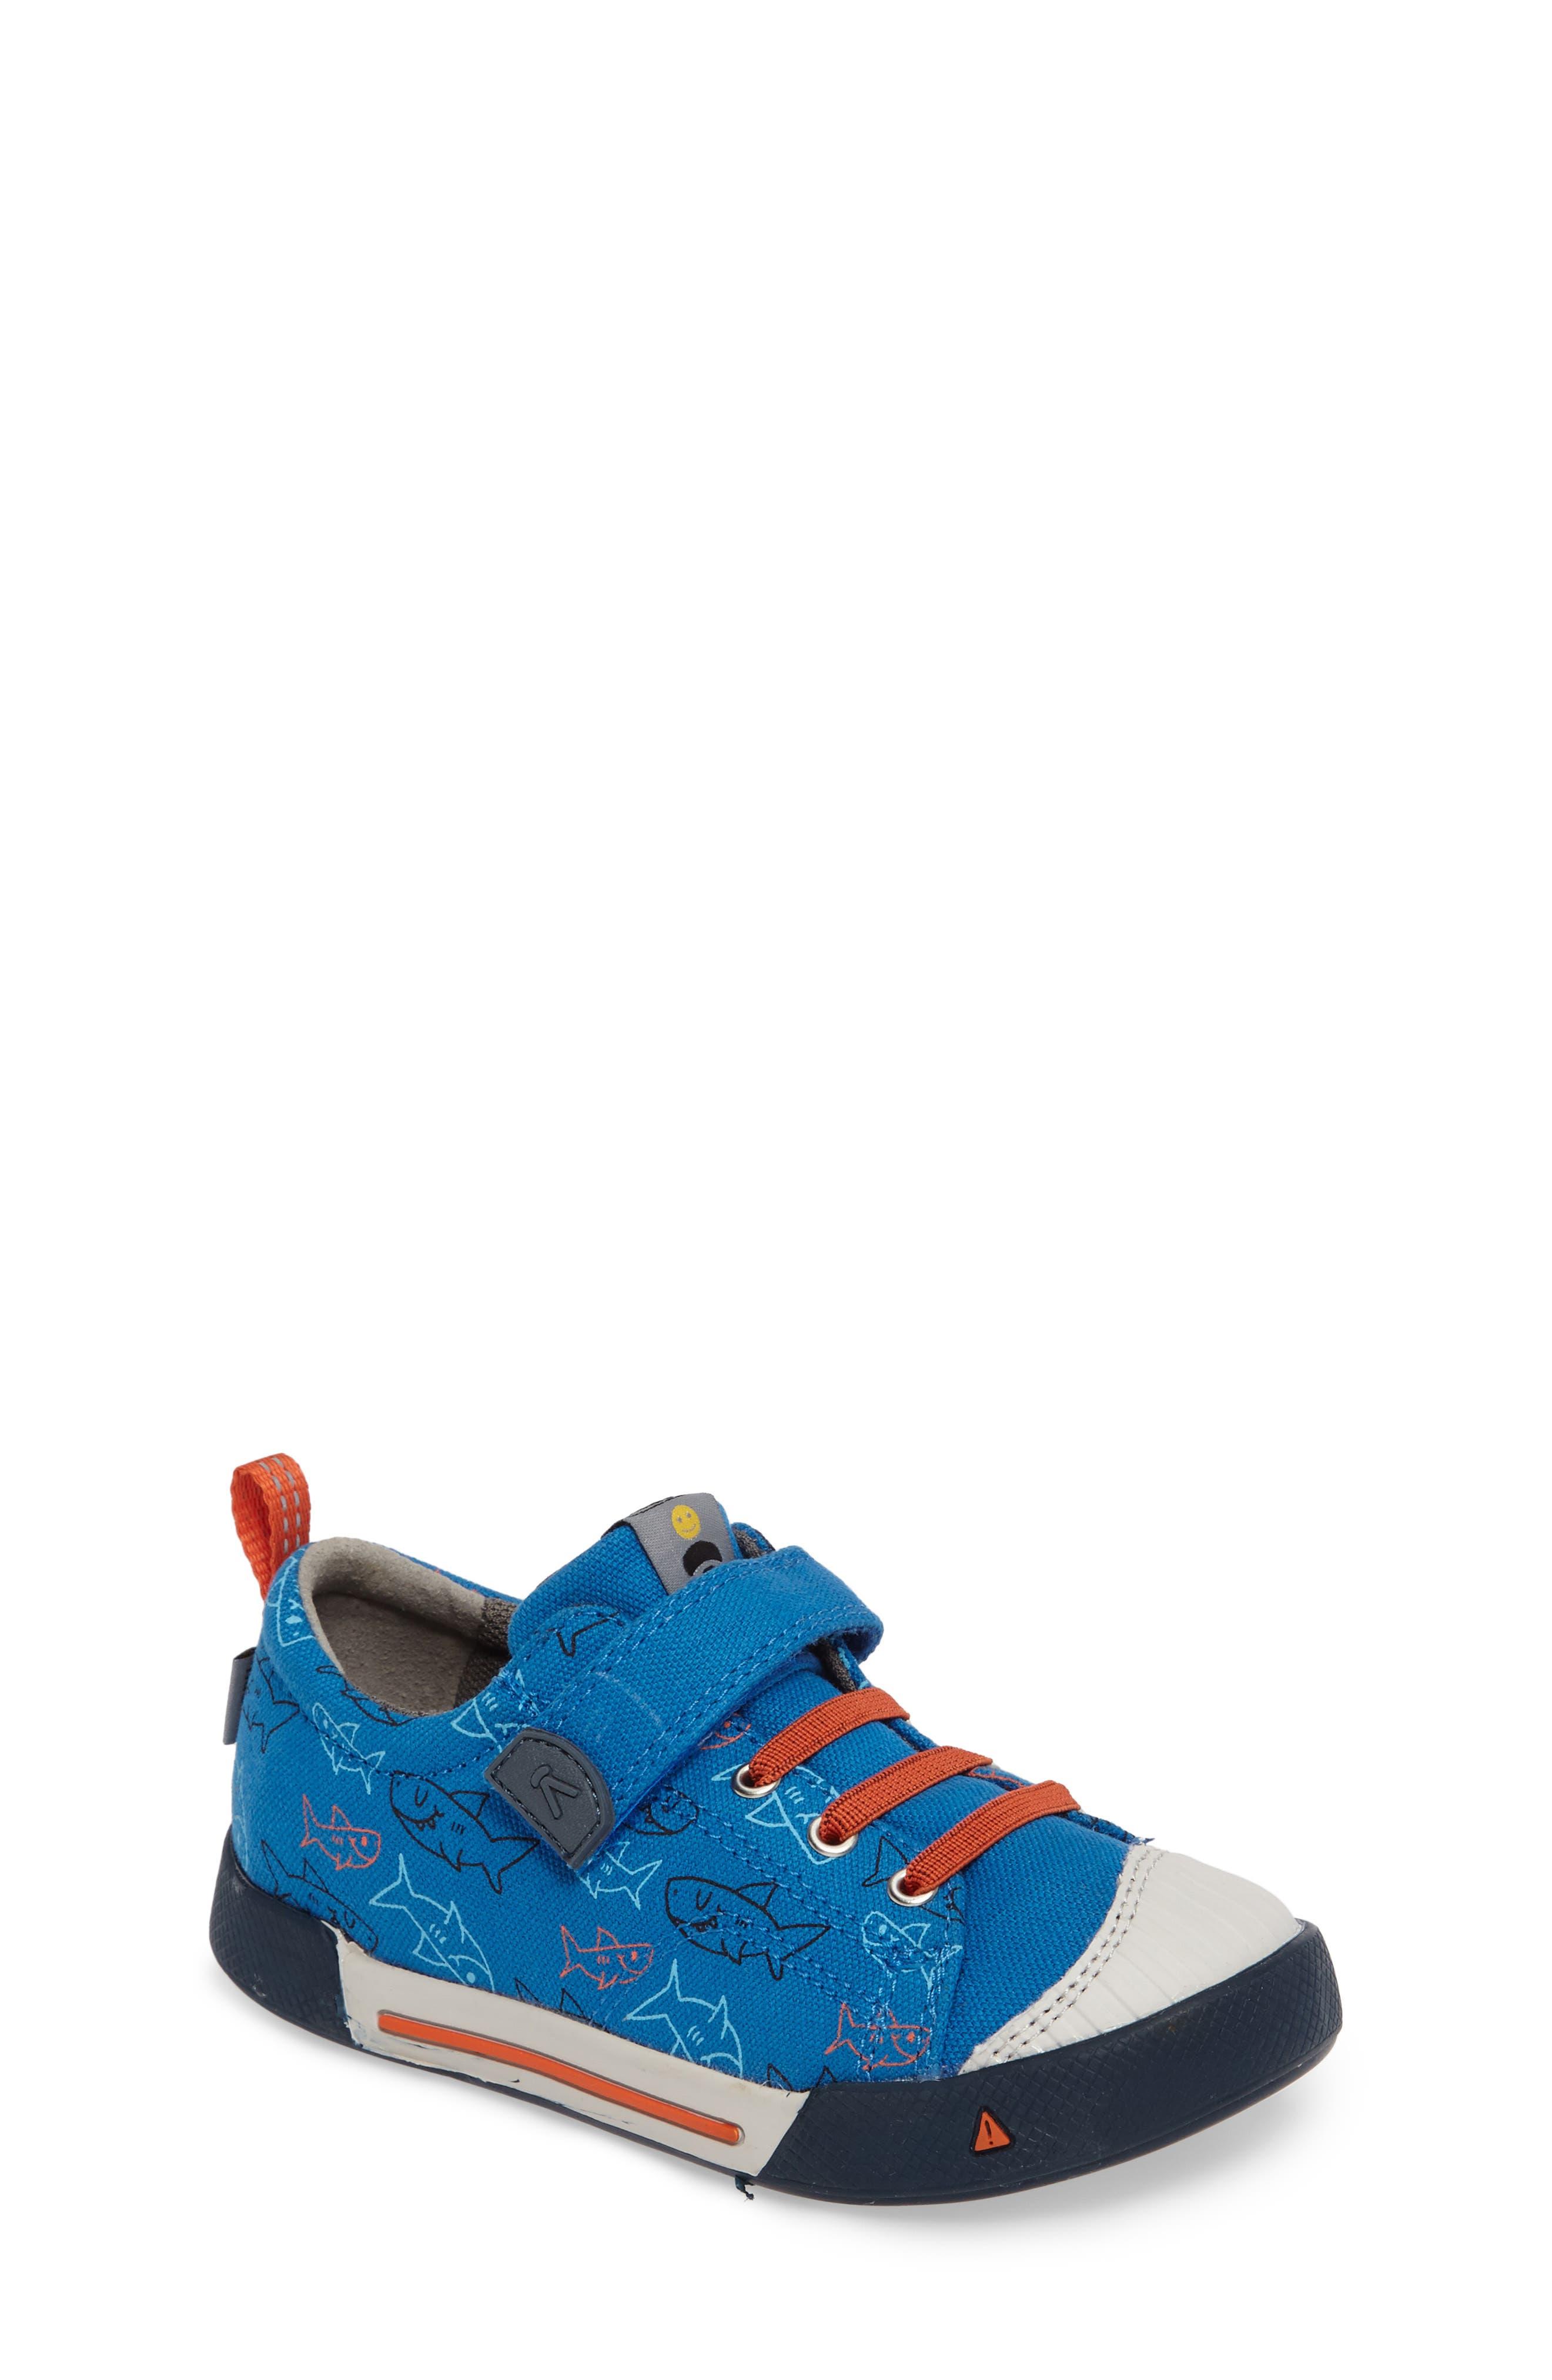 Encanto Finley Sneaker,                             Main thumbnail 1, color,                             402